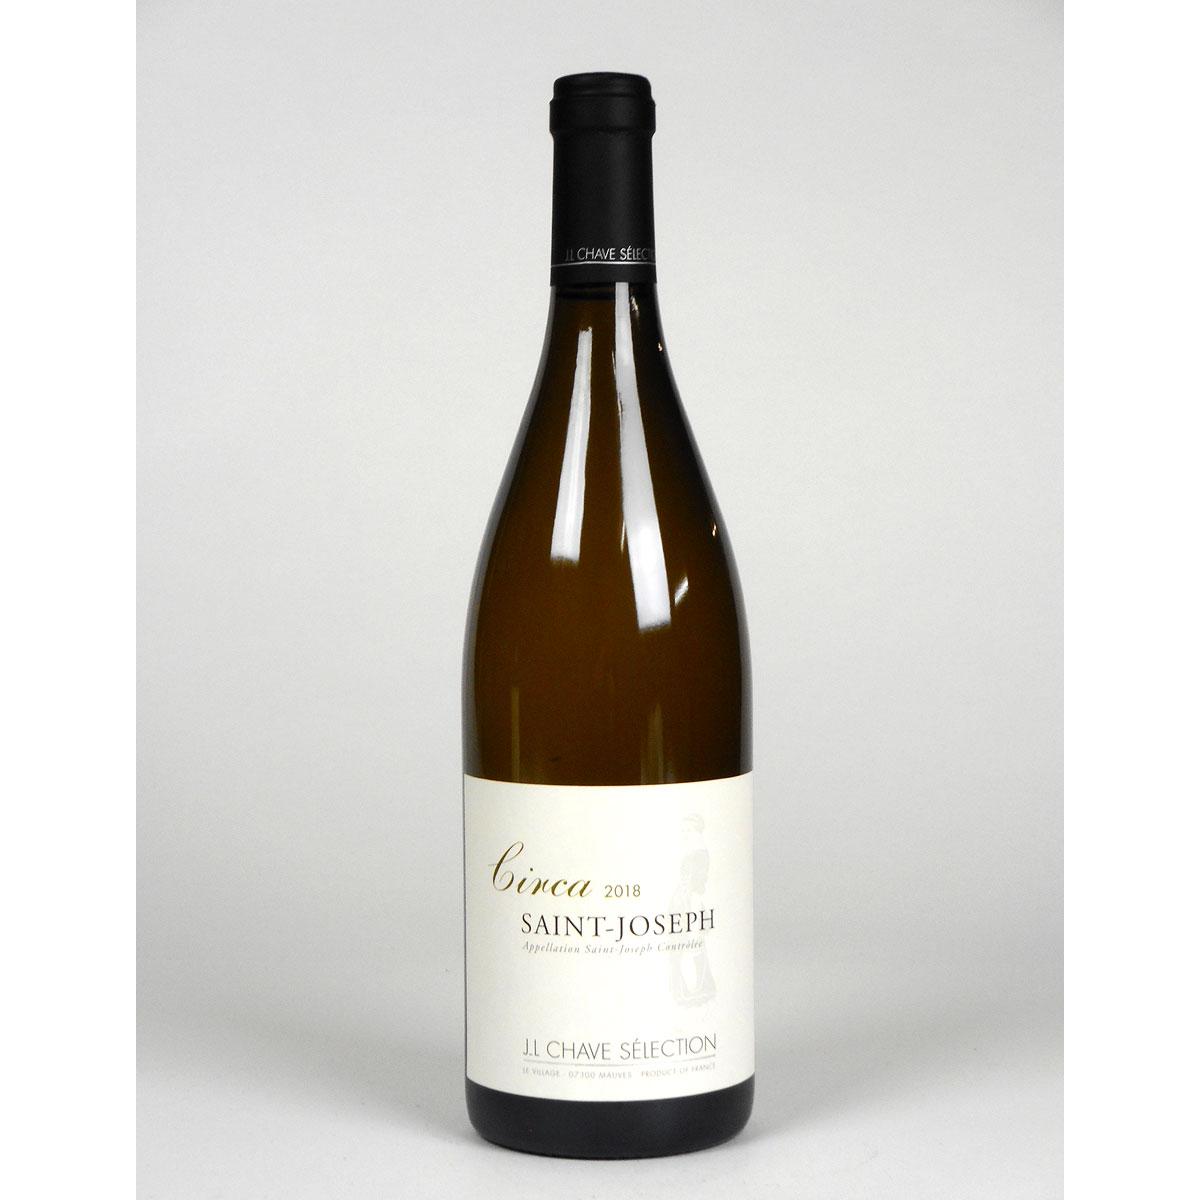 Saint-Joseph: Jean-Louis Chave Sélection 'Circa' Blanc 2018 - Wine Bottle